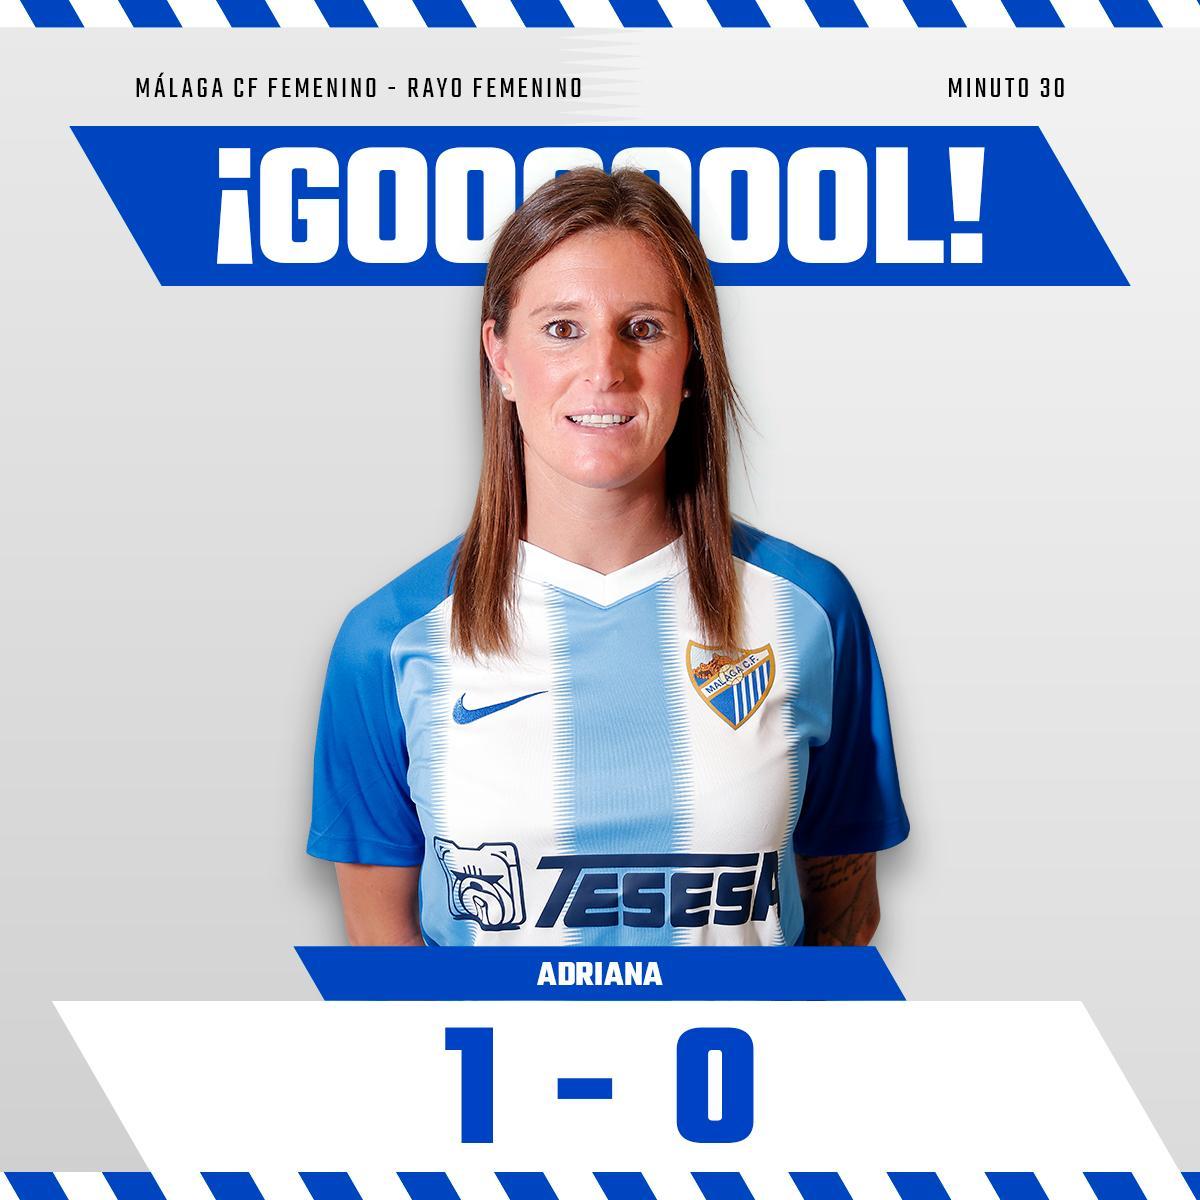 1-0 Min30| ¡¡GOOOOOOL GOOOOOOL GOOOOOL!!!! ¡¡¡LA CAPITANA HACE EL PRIMERO!!!!  ¡¡GO LA ZO de @ADRIANA__MARTIN desde el punto de penalti!!!!   #MCFFLive #MálagaRayo⚽️ #SomosMálaga💙 #LuchaConNosotras💪